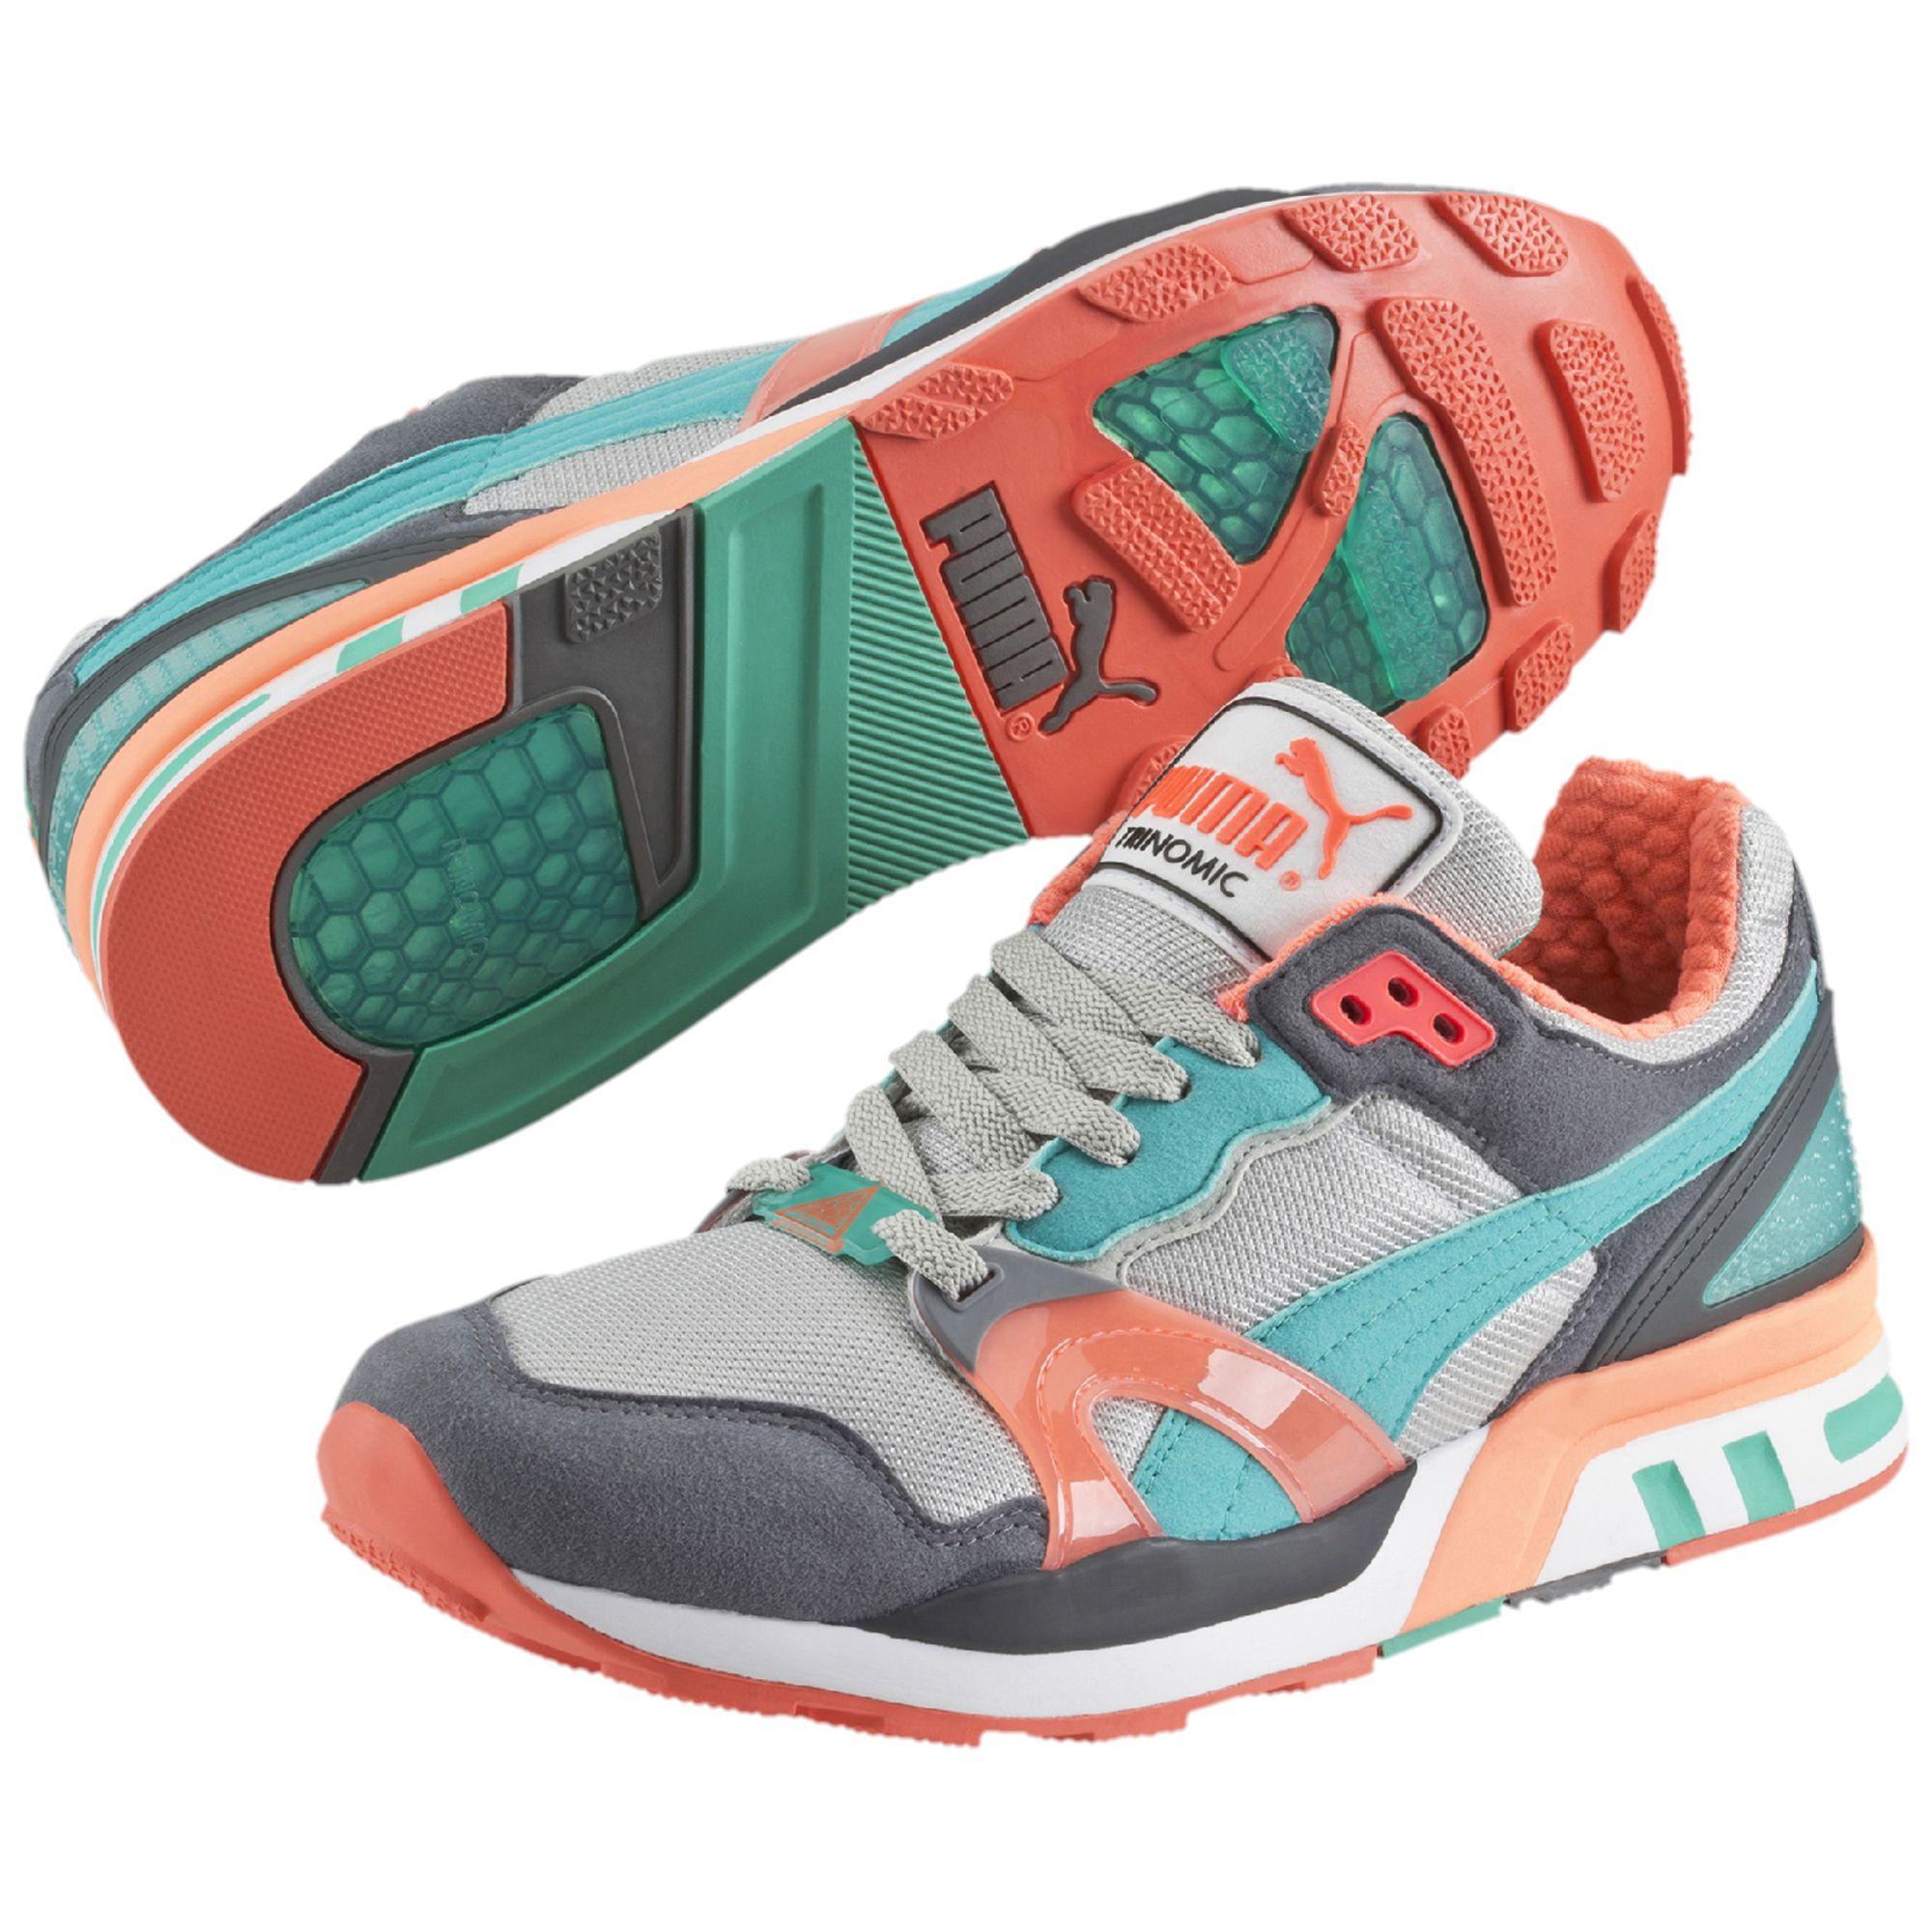 puma basket trinomic xt 2 chaussures sneakers homme nouveau ebay. Black Bedroom Furniture Sets. Home Design Ideas